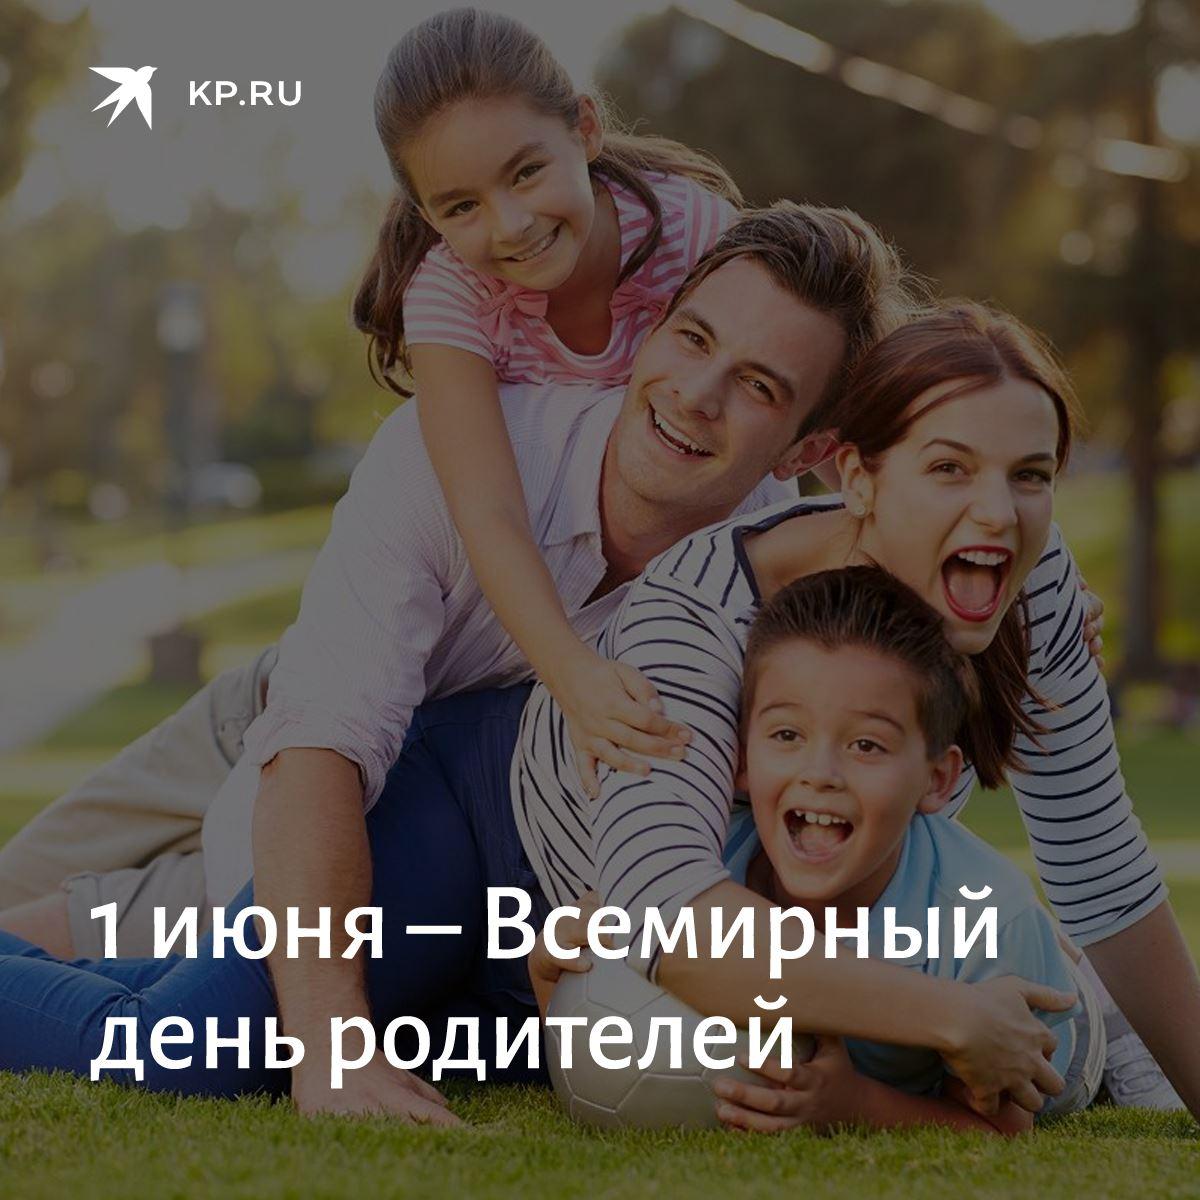 День родителей открытка